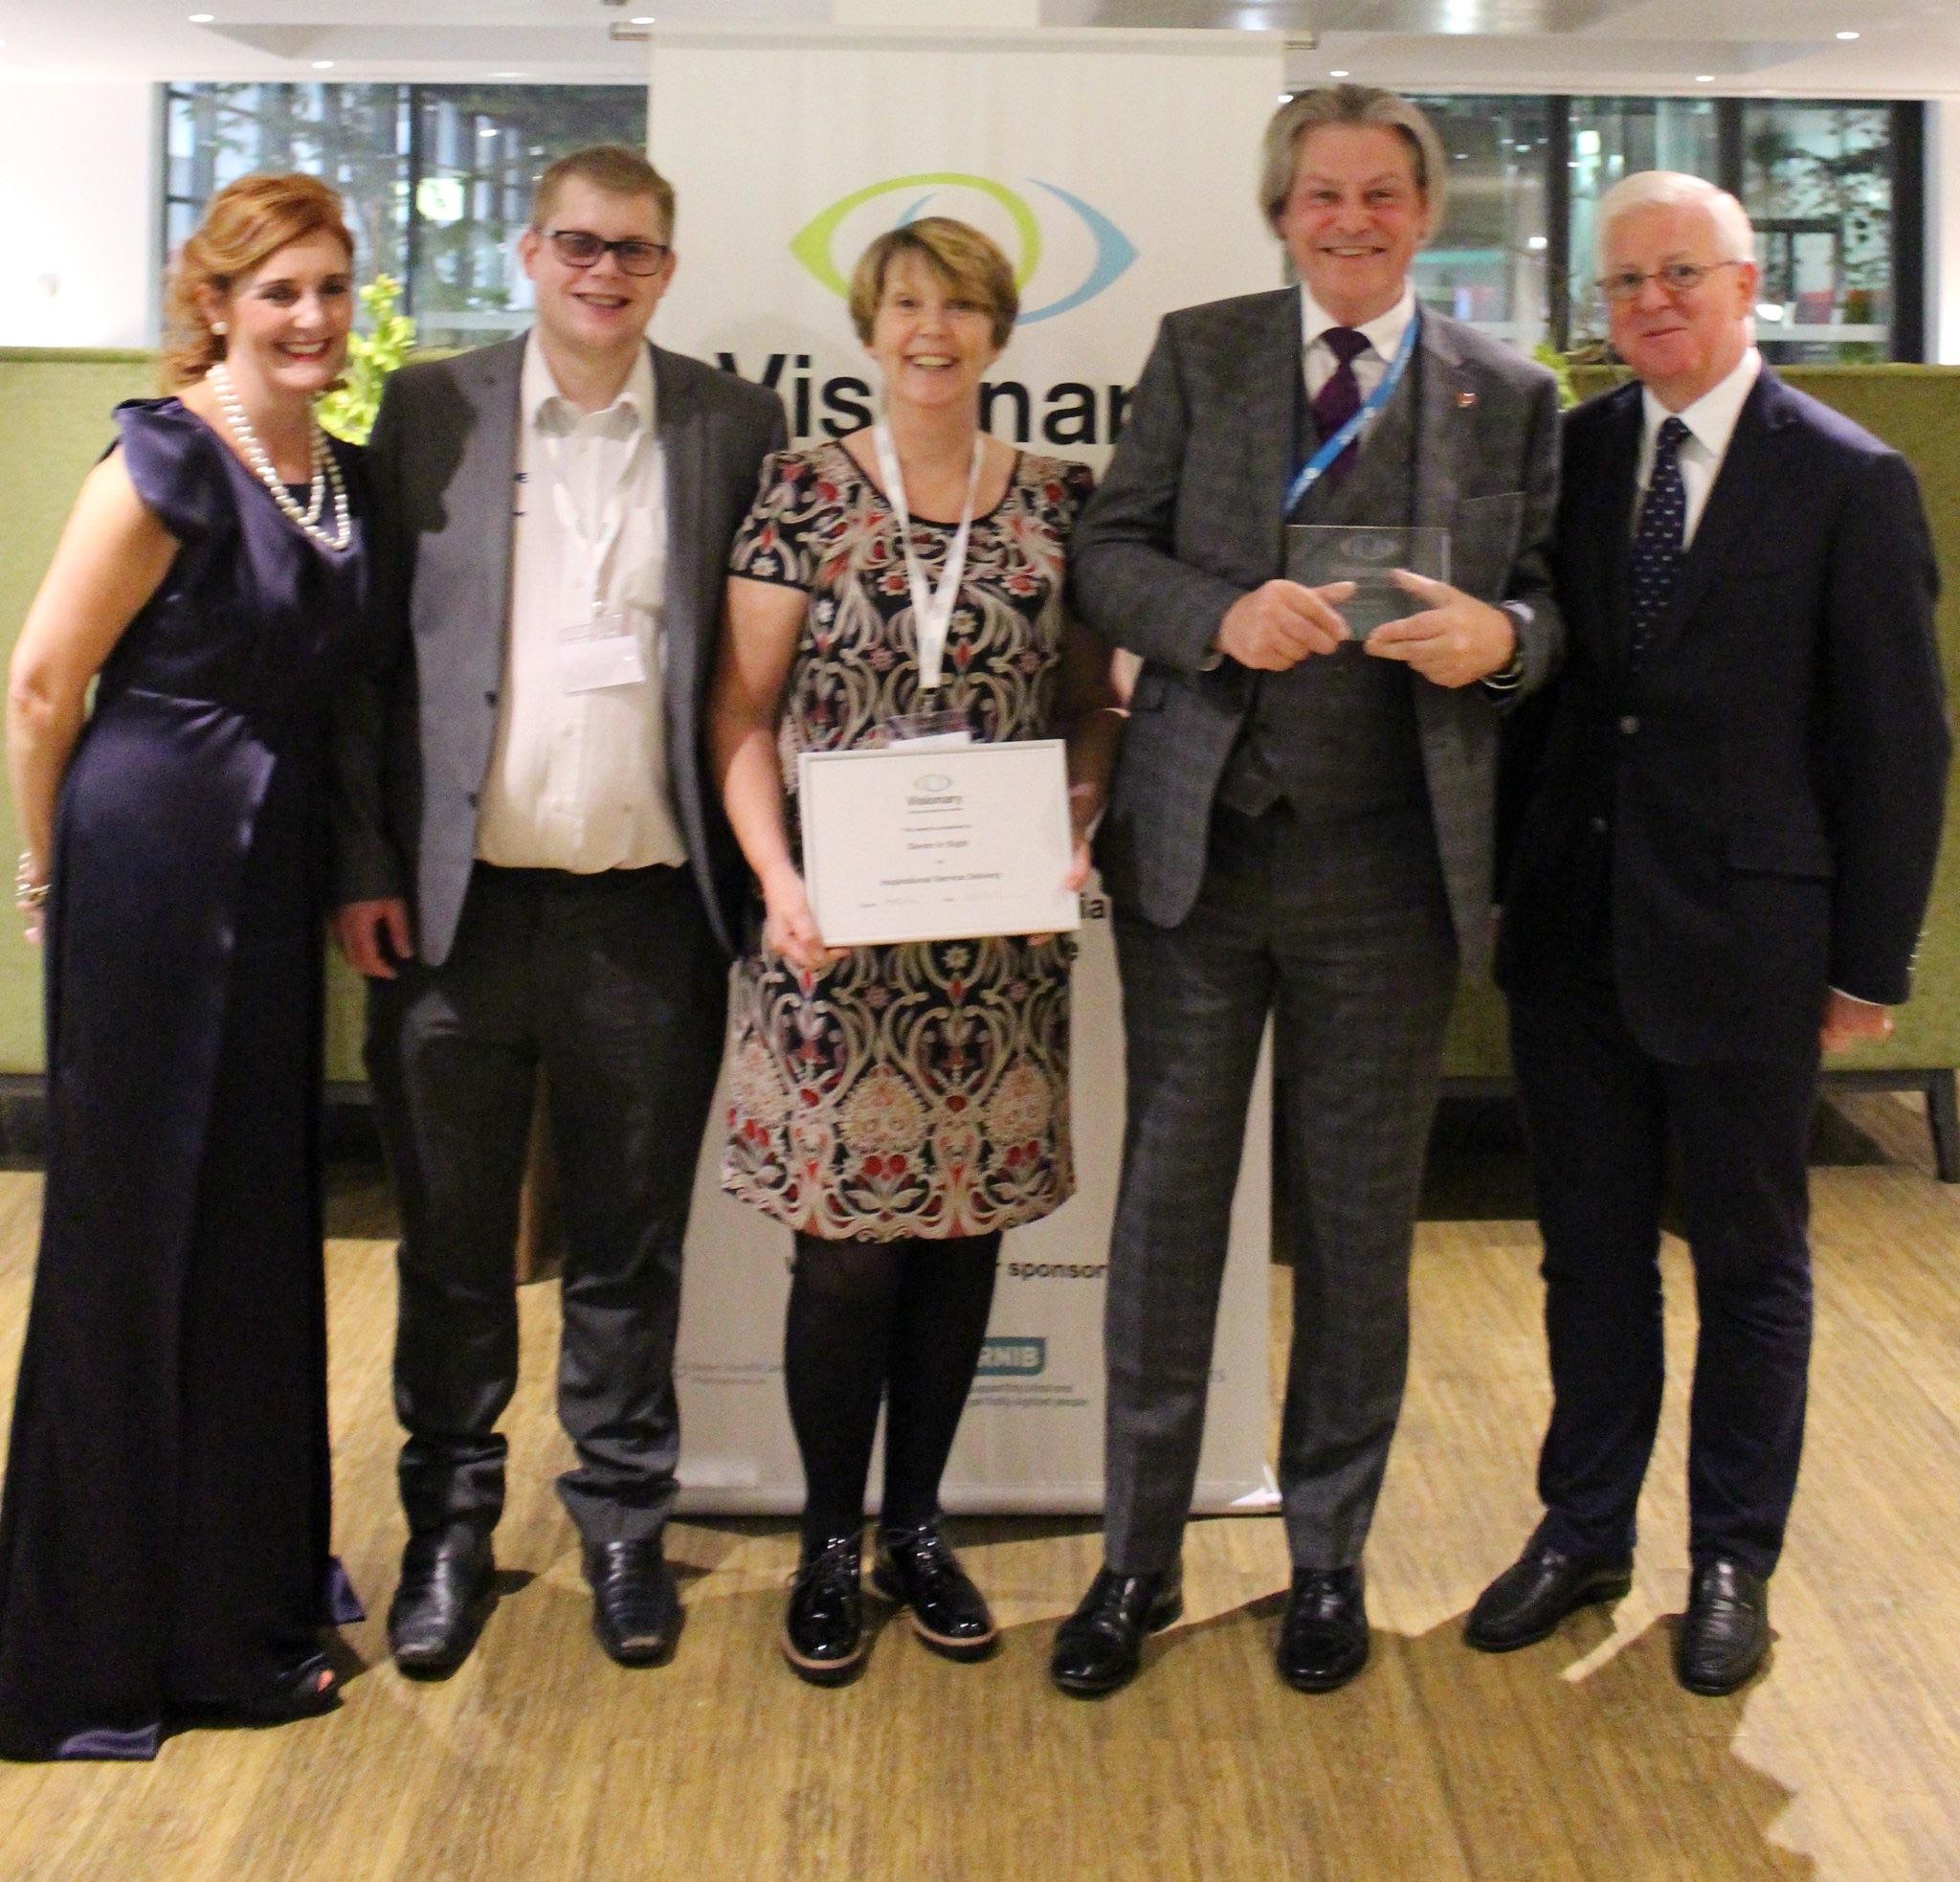 Visionary Award group photo